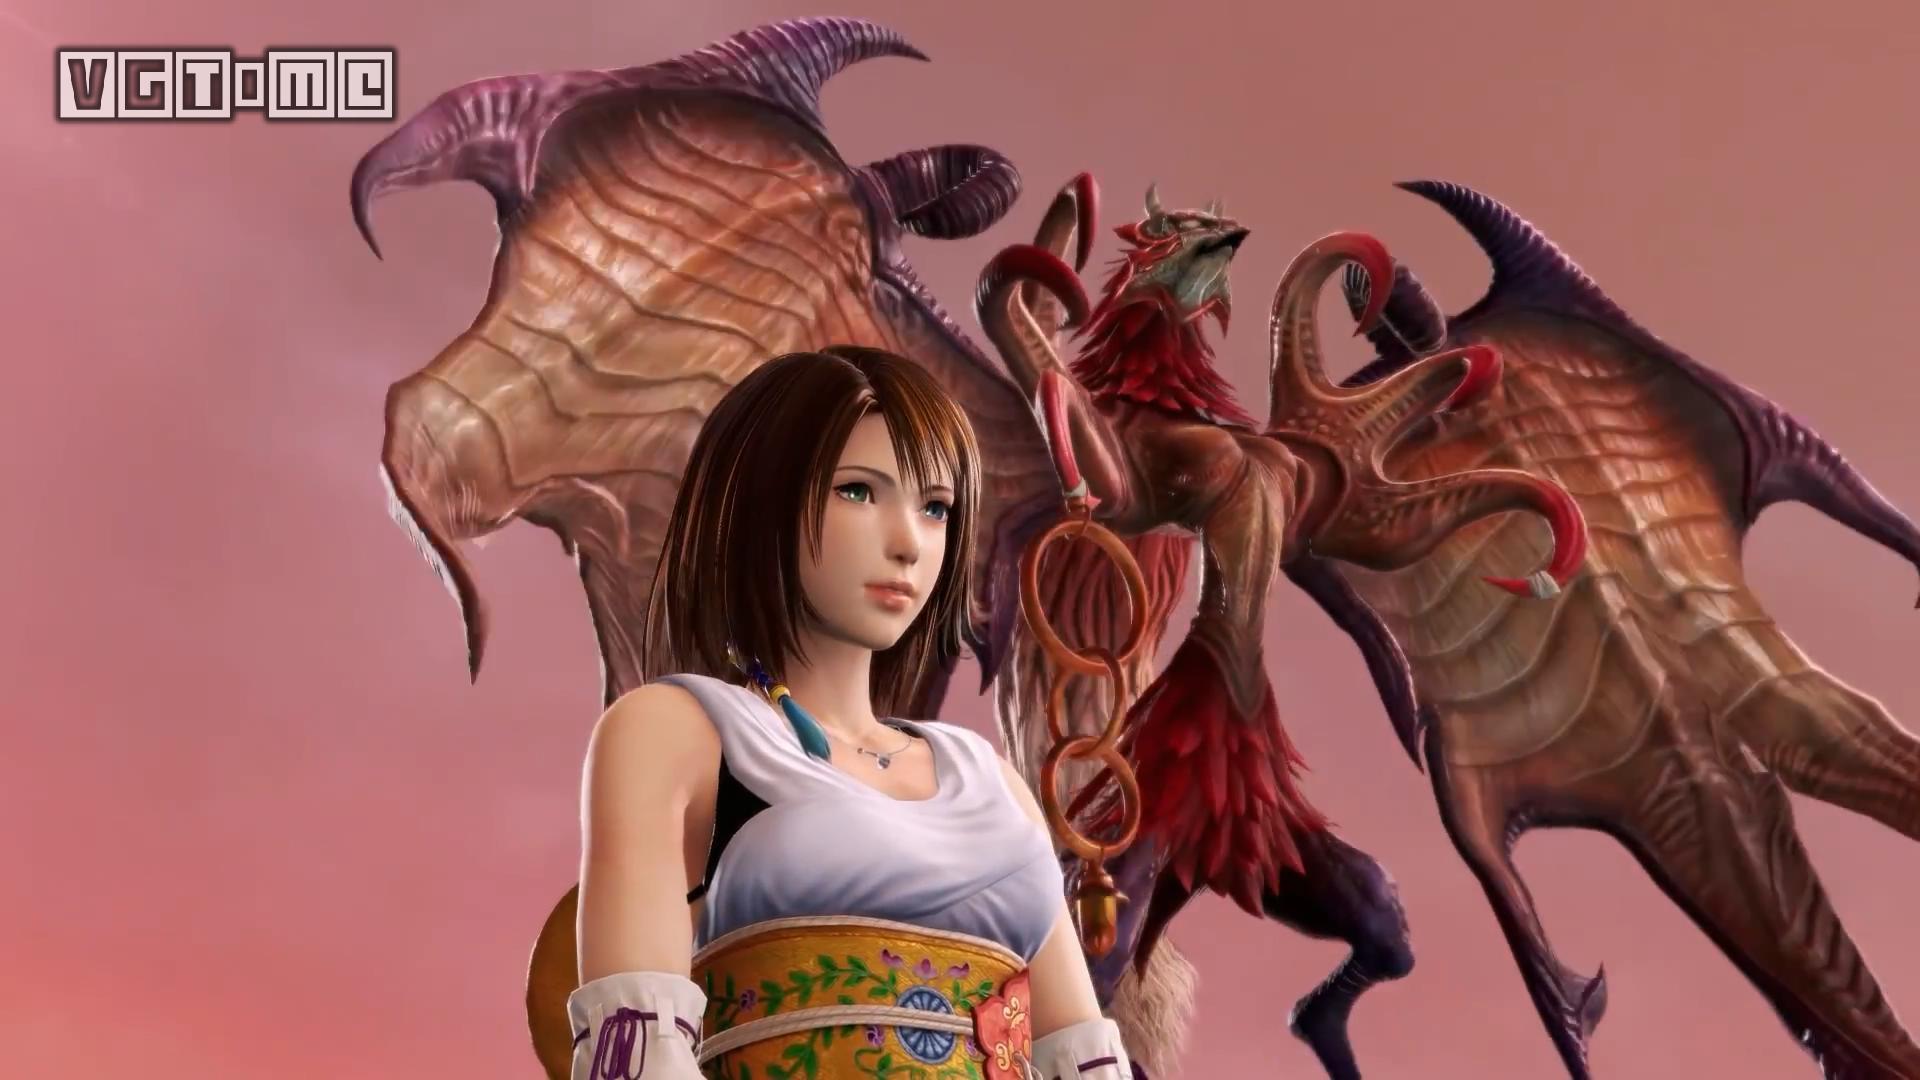 《最终幻想 纷争NT》DLC新角色优娜参战 - 后花园网文 - 游戏新闻